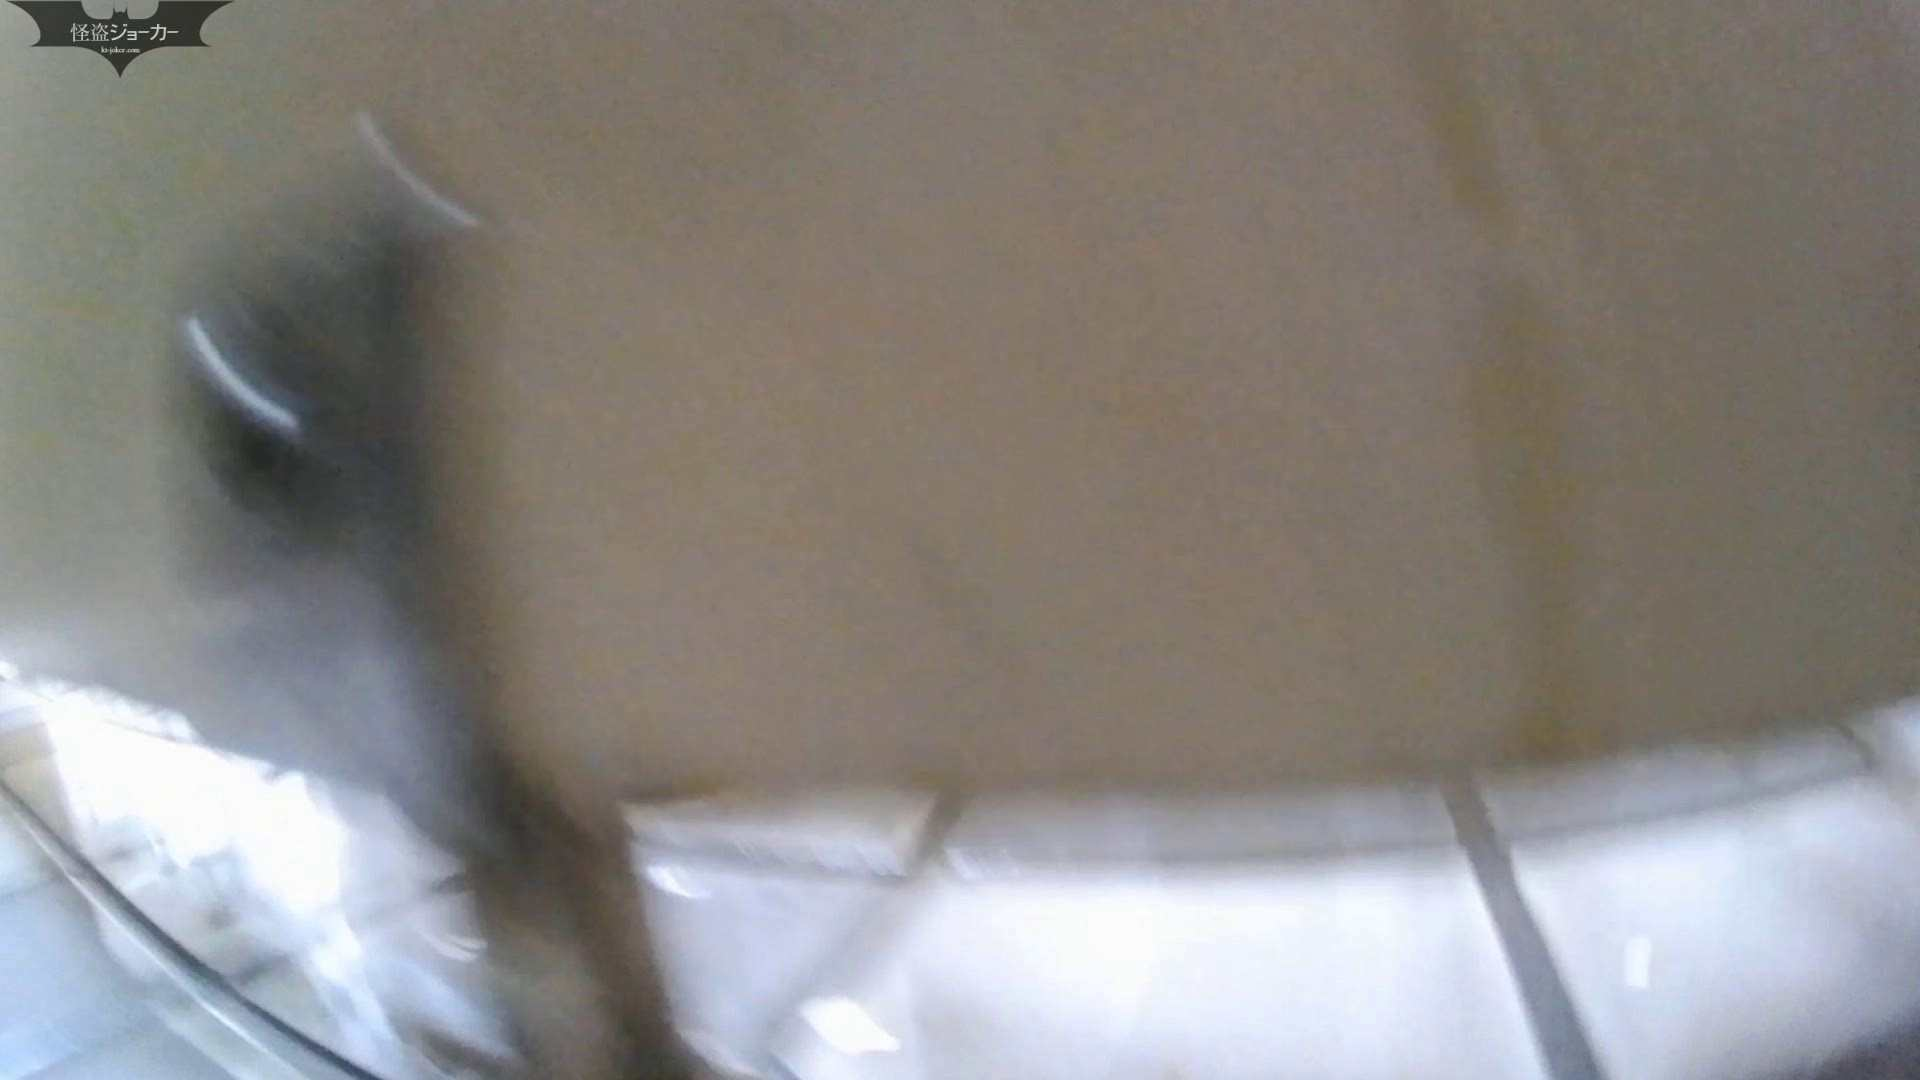 至近距離洗面所 Vol.04 GALに学服お顔もばっちり!! エッチなお姉さん オメコ動画キャプチャ 57画像 39